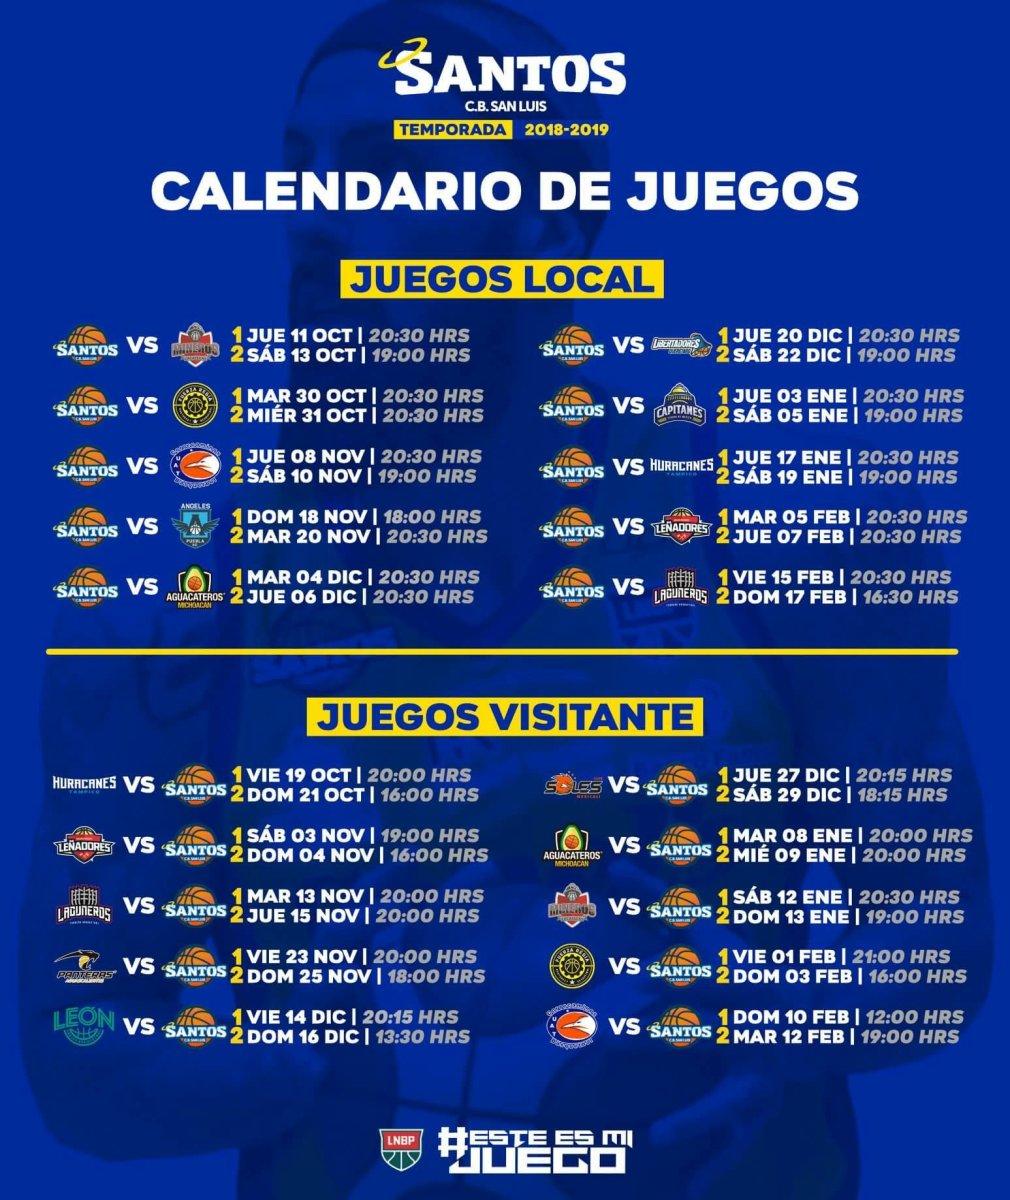 CB Santos San Luis Presenta su Calendario para la Temporada 2018 - 2019